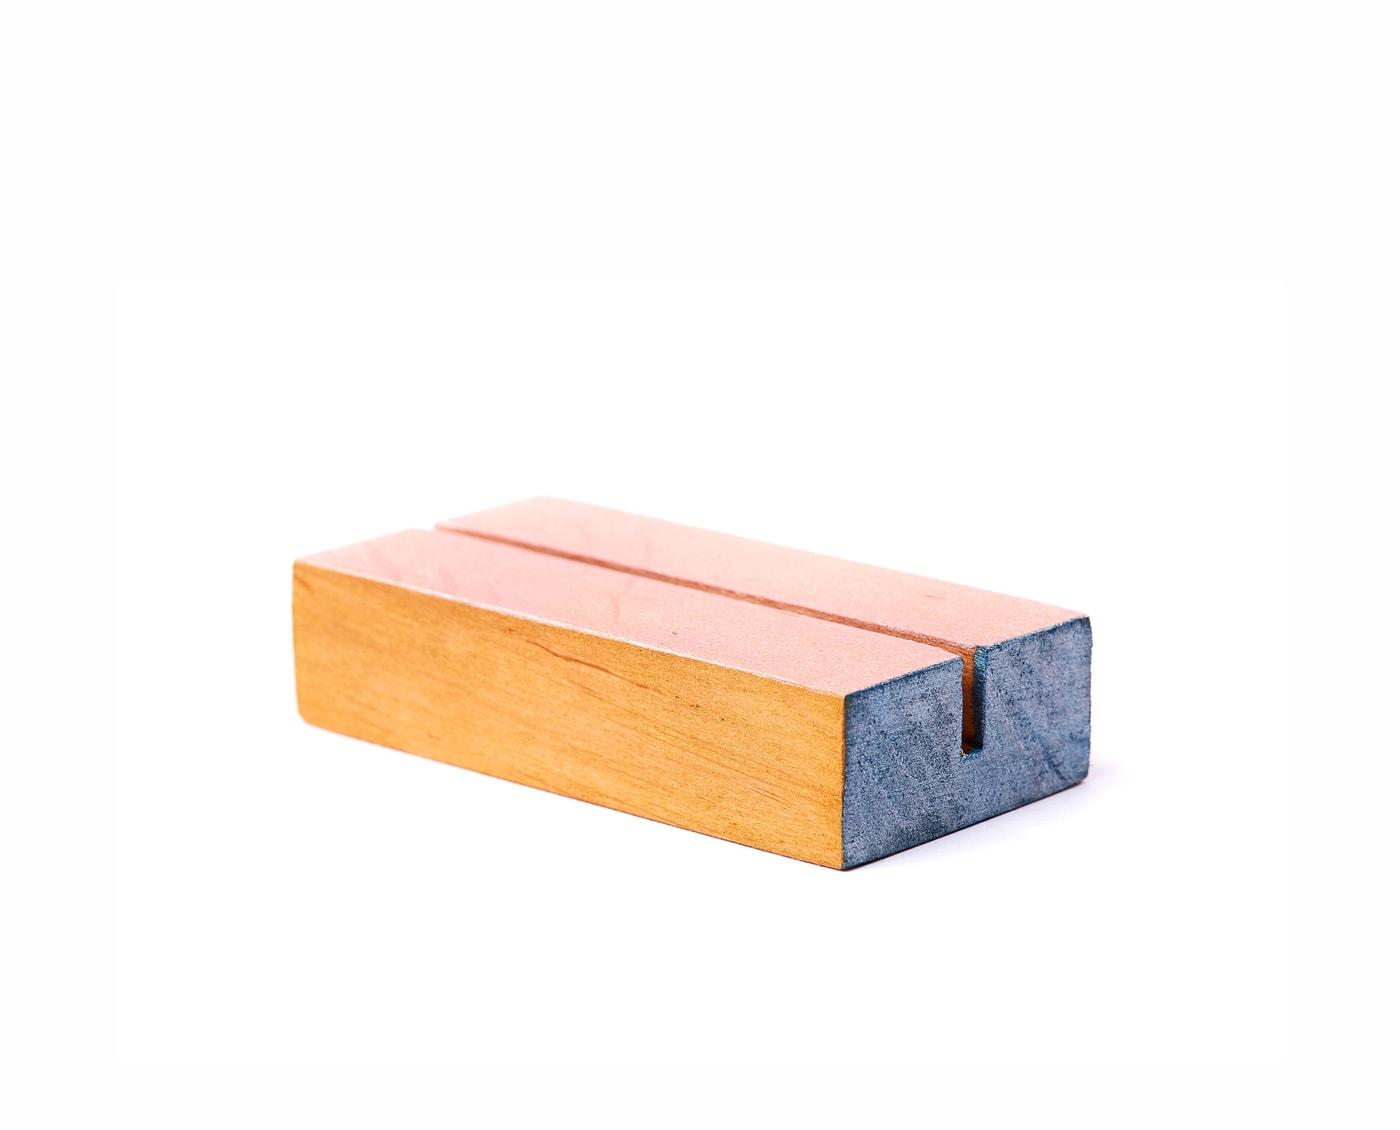 Podstawki z drewna, pomalowane w jasne pastelowe kolory złota, różu i granatu